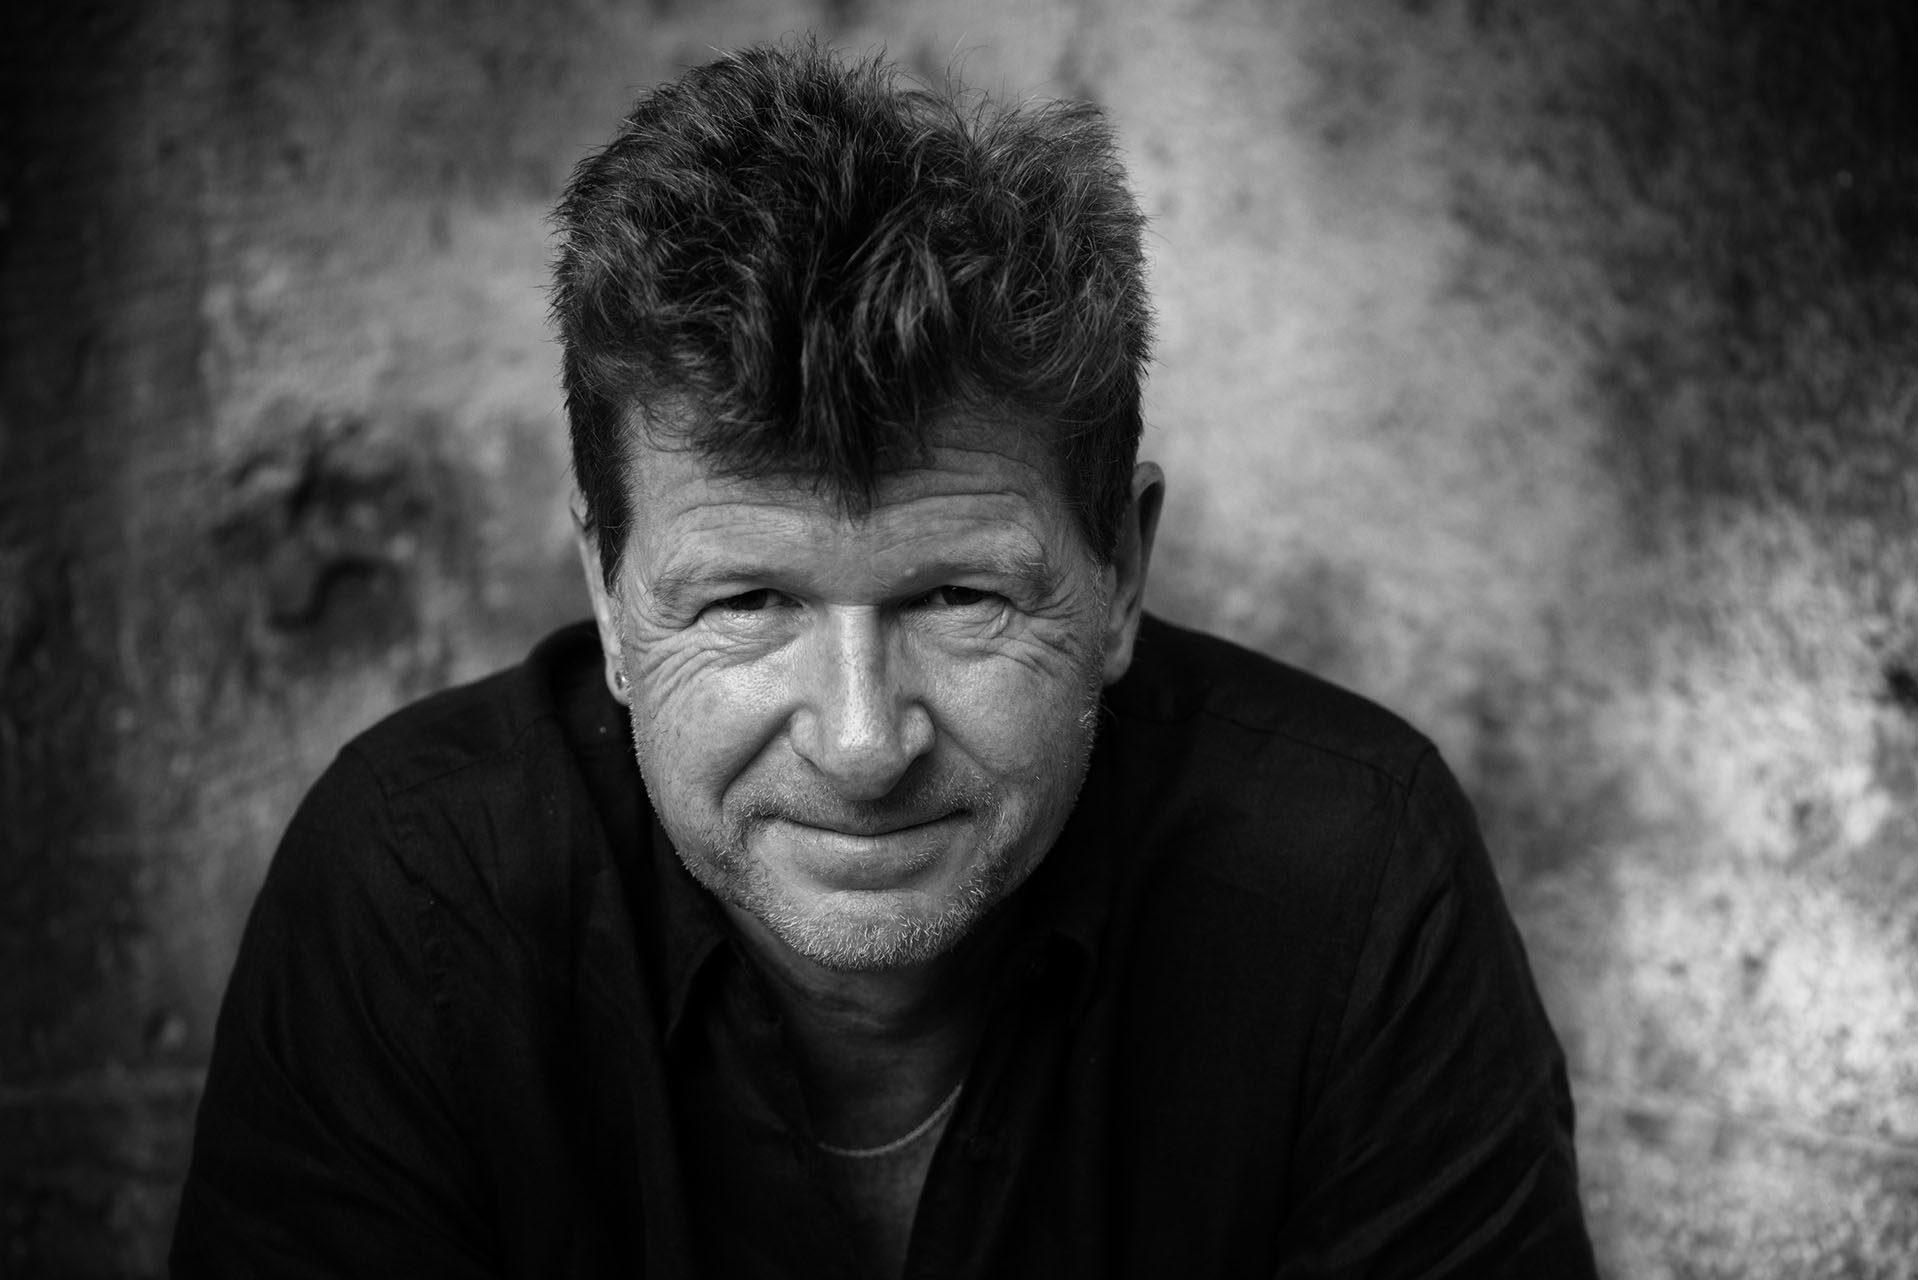 photographe-portraits-book-comediens-maya-angelsen-ile-de-france-paris